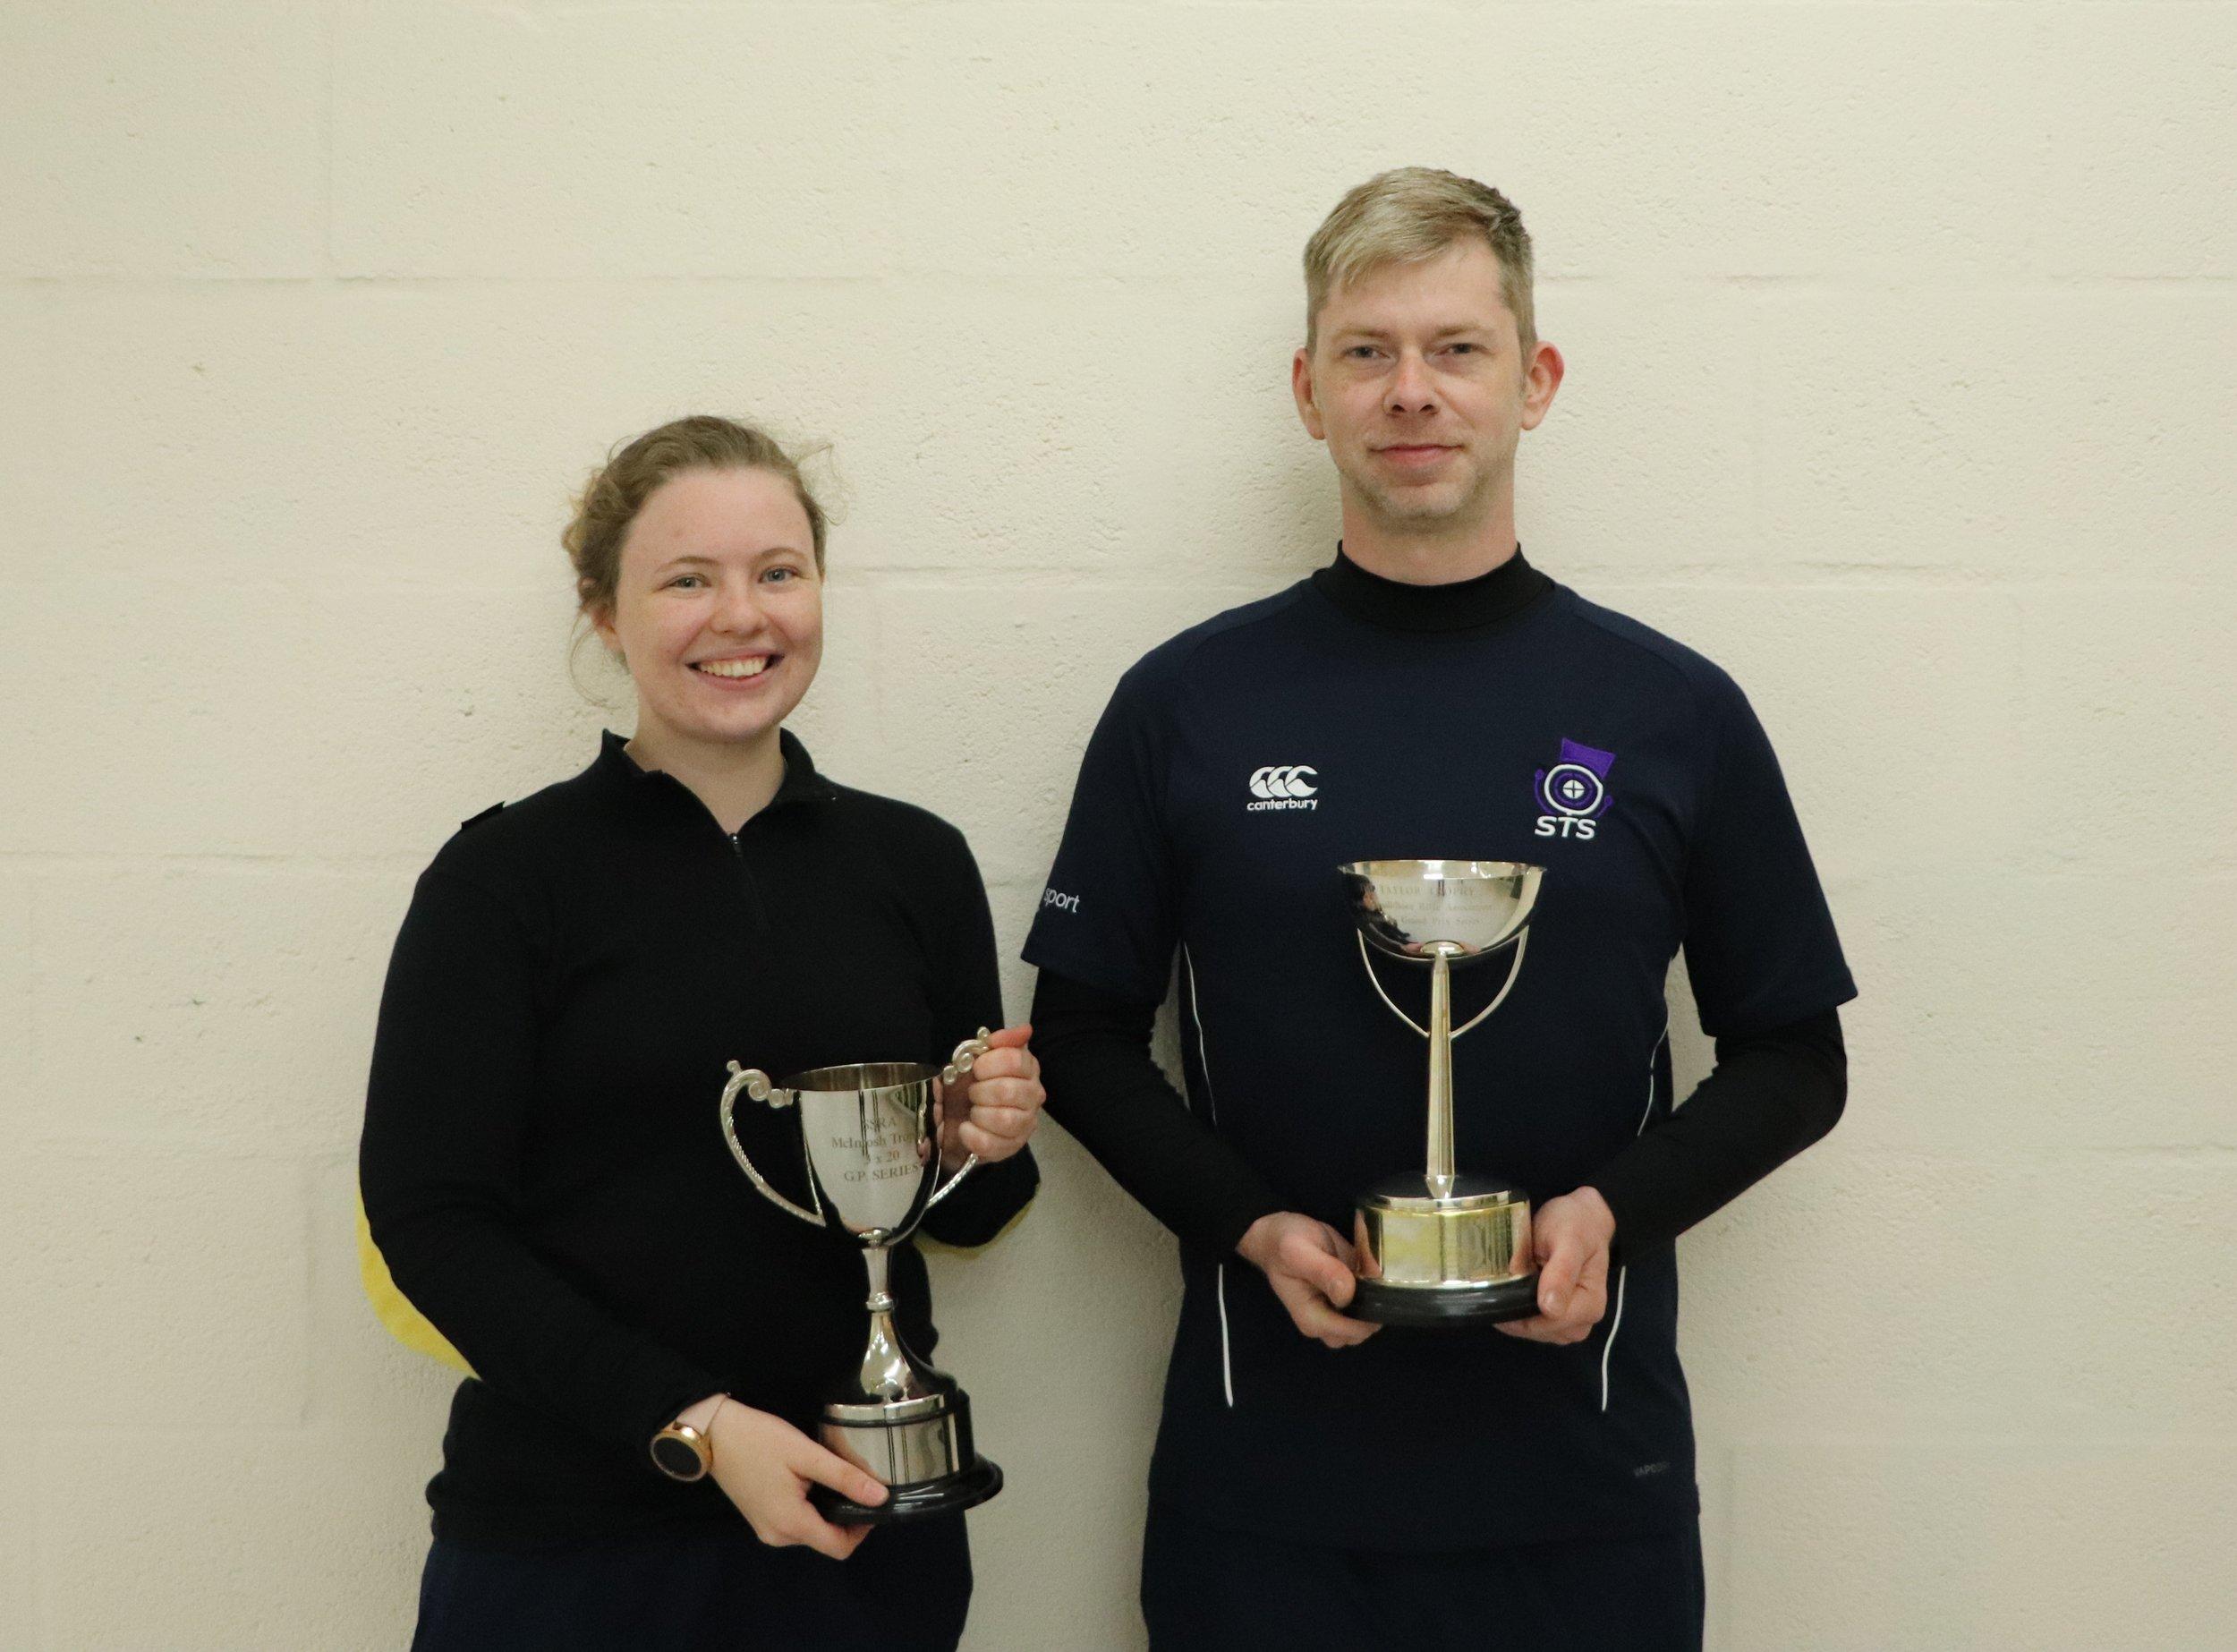 Ruaraidh and Vikki with their trophies